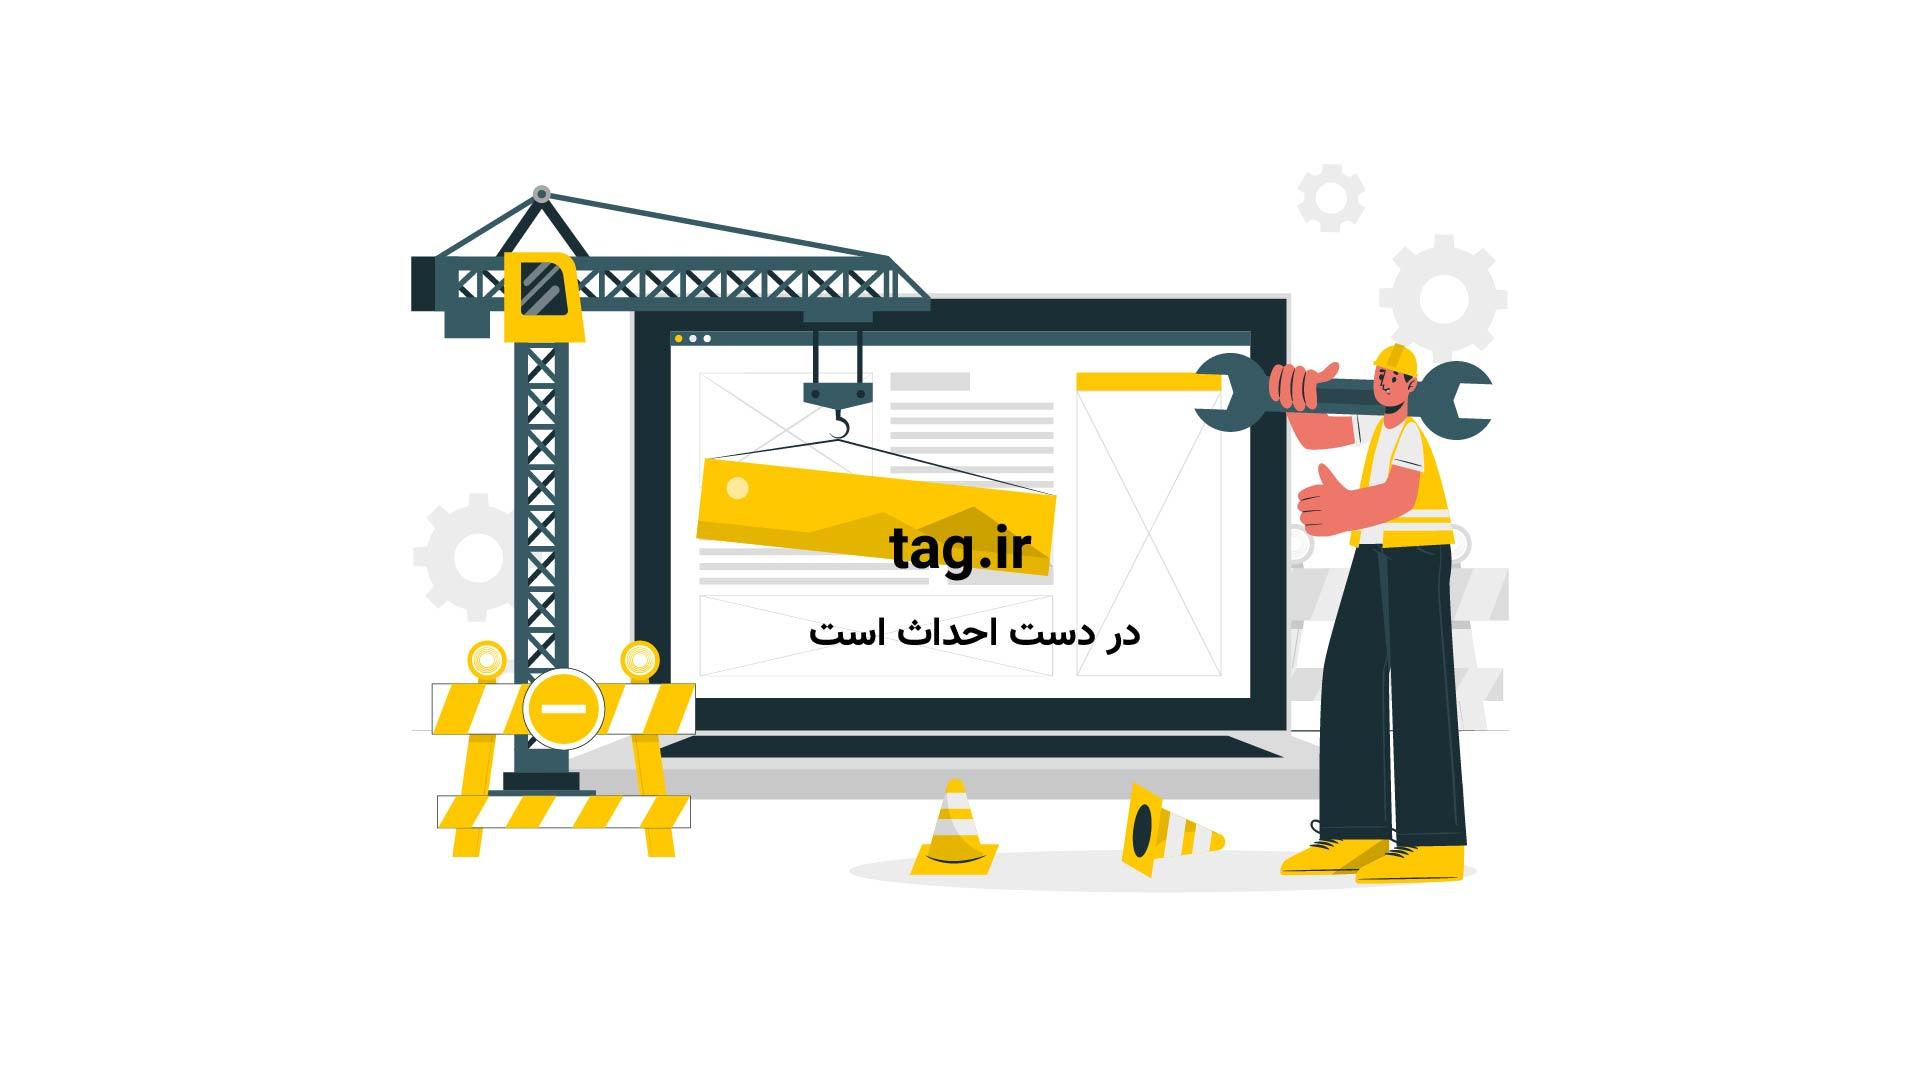 تکنیک نقاشی با آبرنگ؛ آموزش کشیدن نمای آسمان و پرواز پرستوها | فیلم